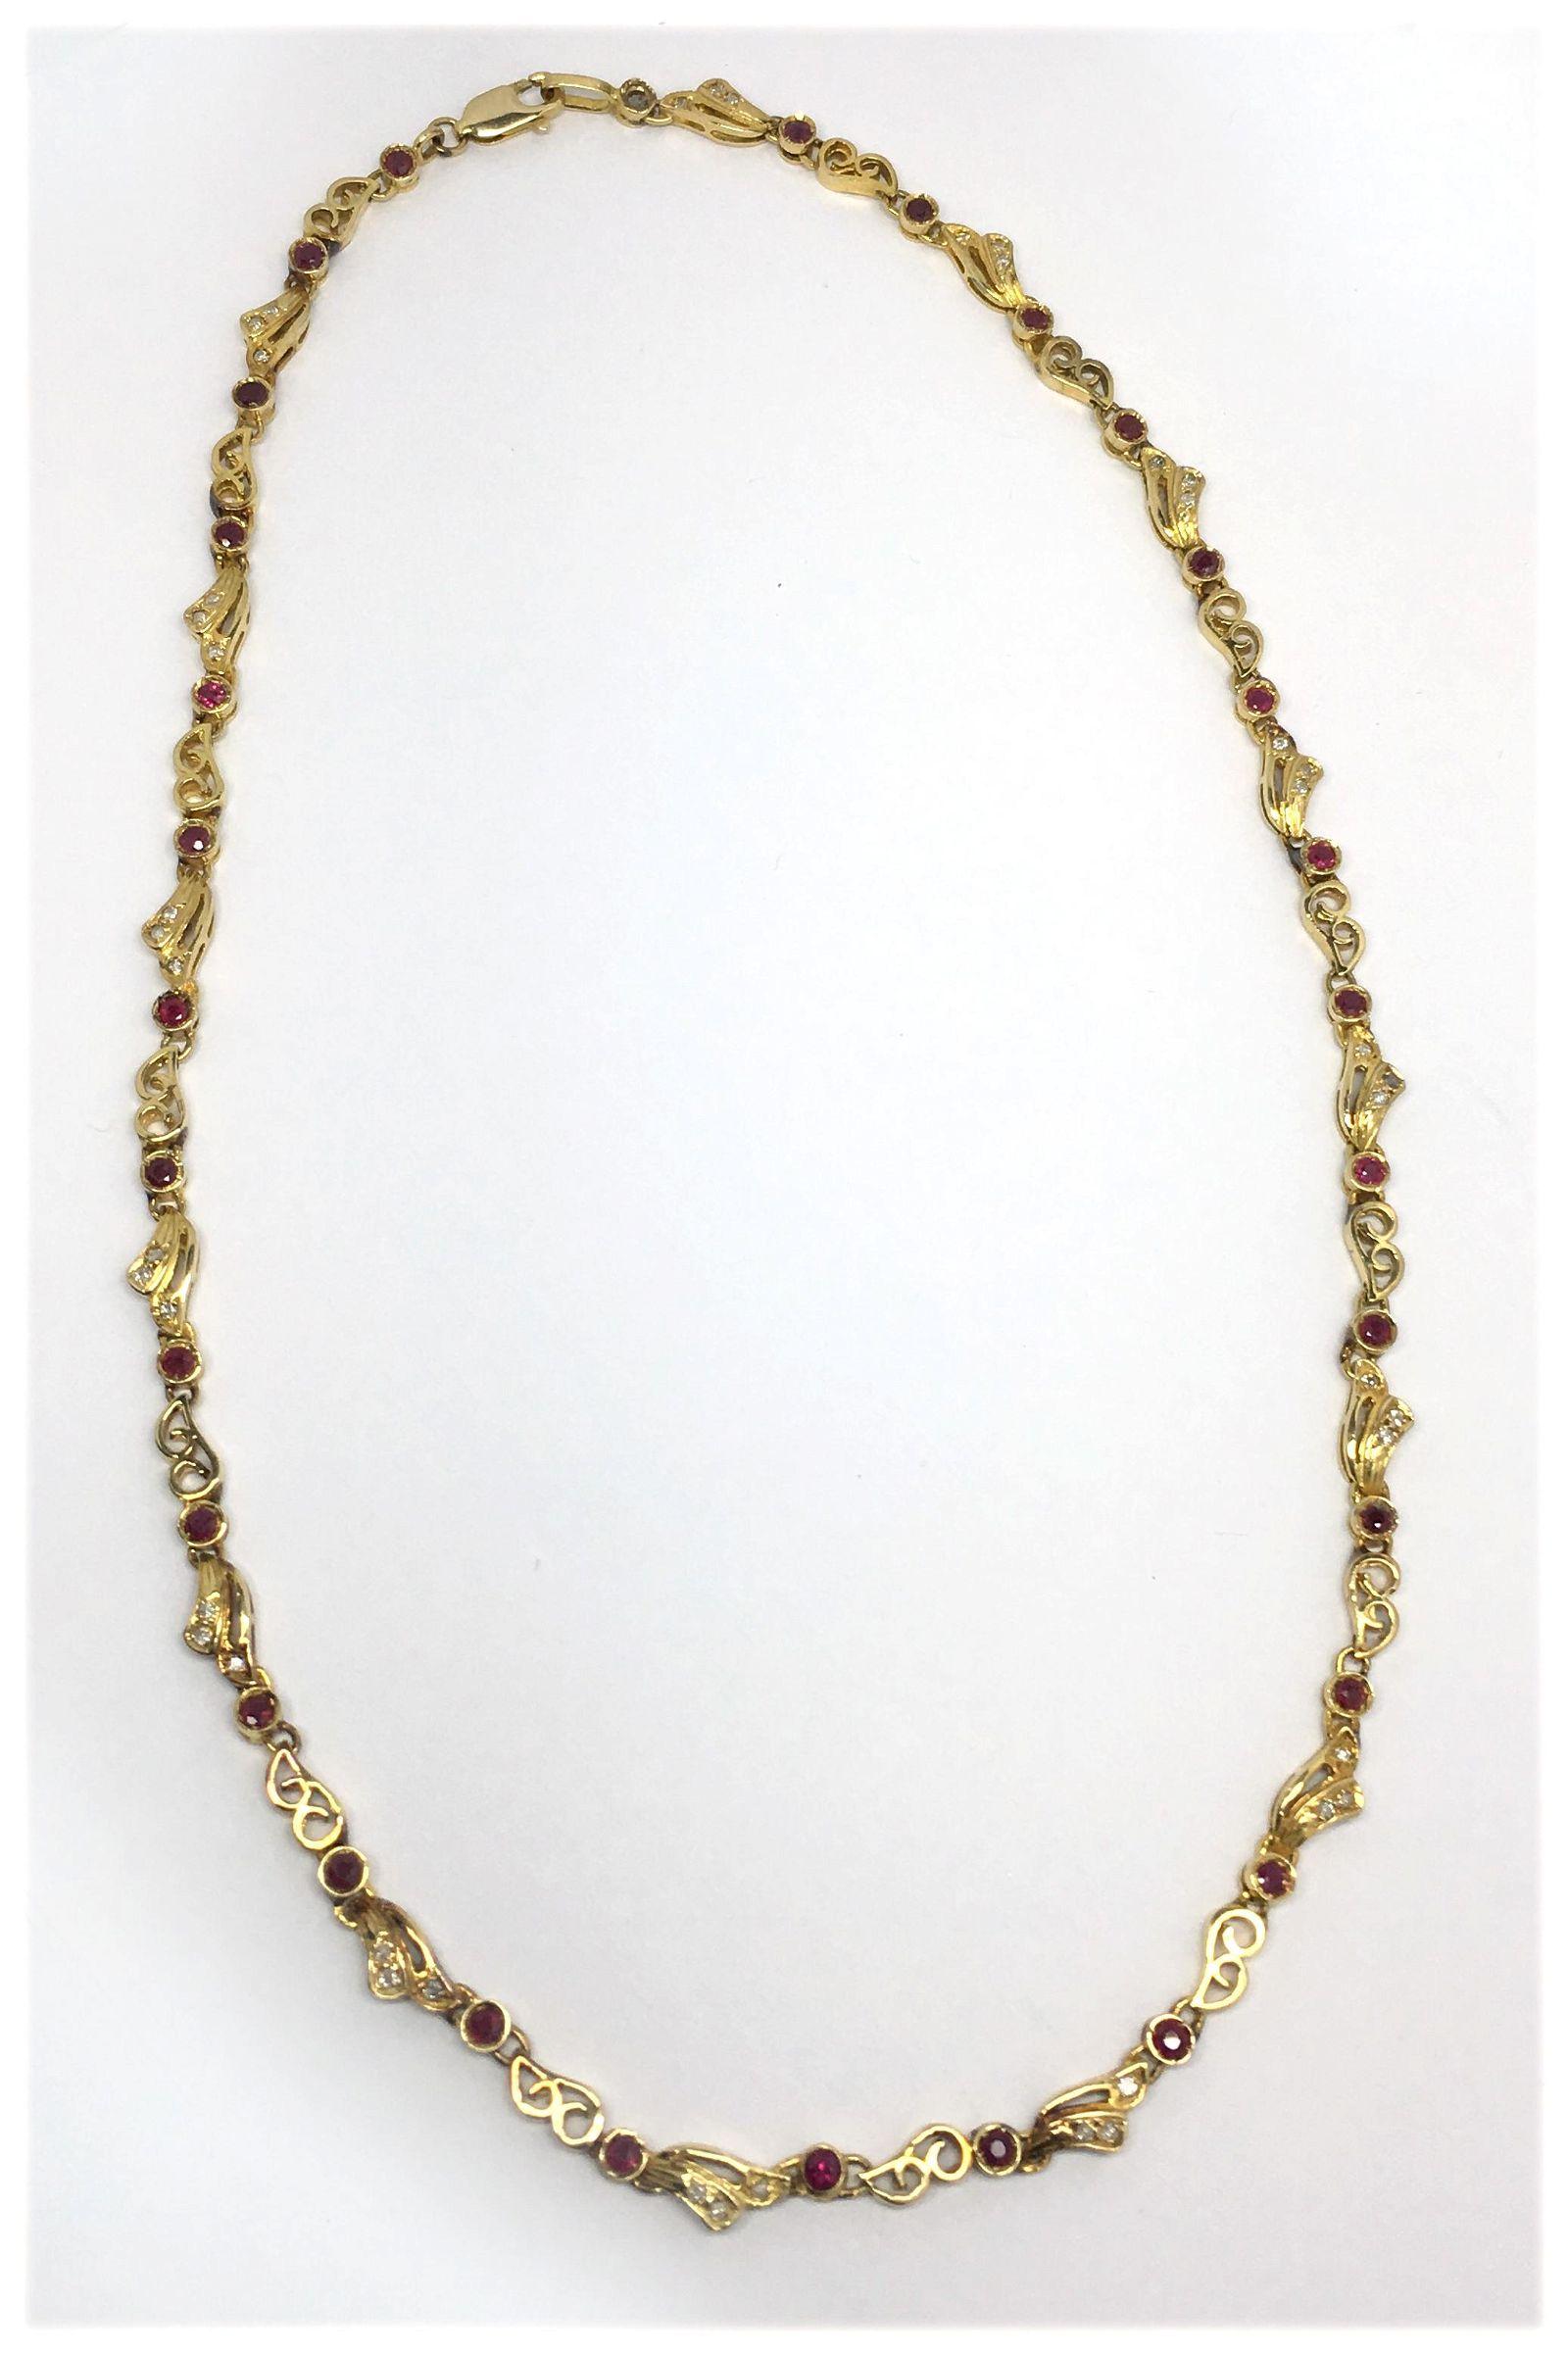 14KT GOLD NECKLACE W/ RUBIES & DIAMOND